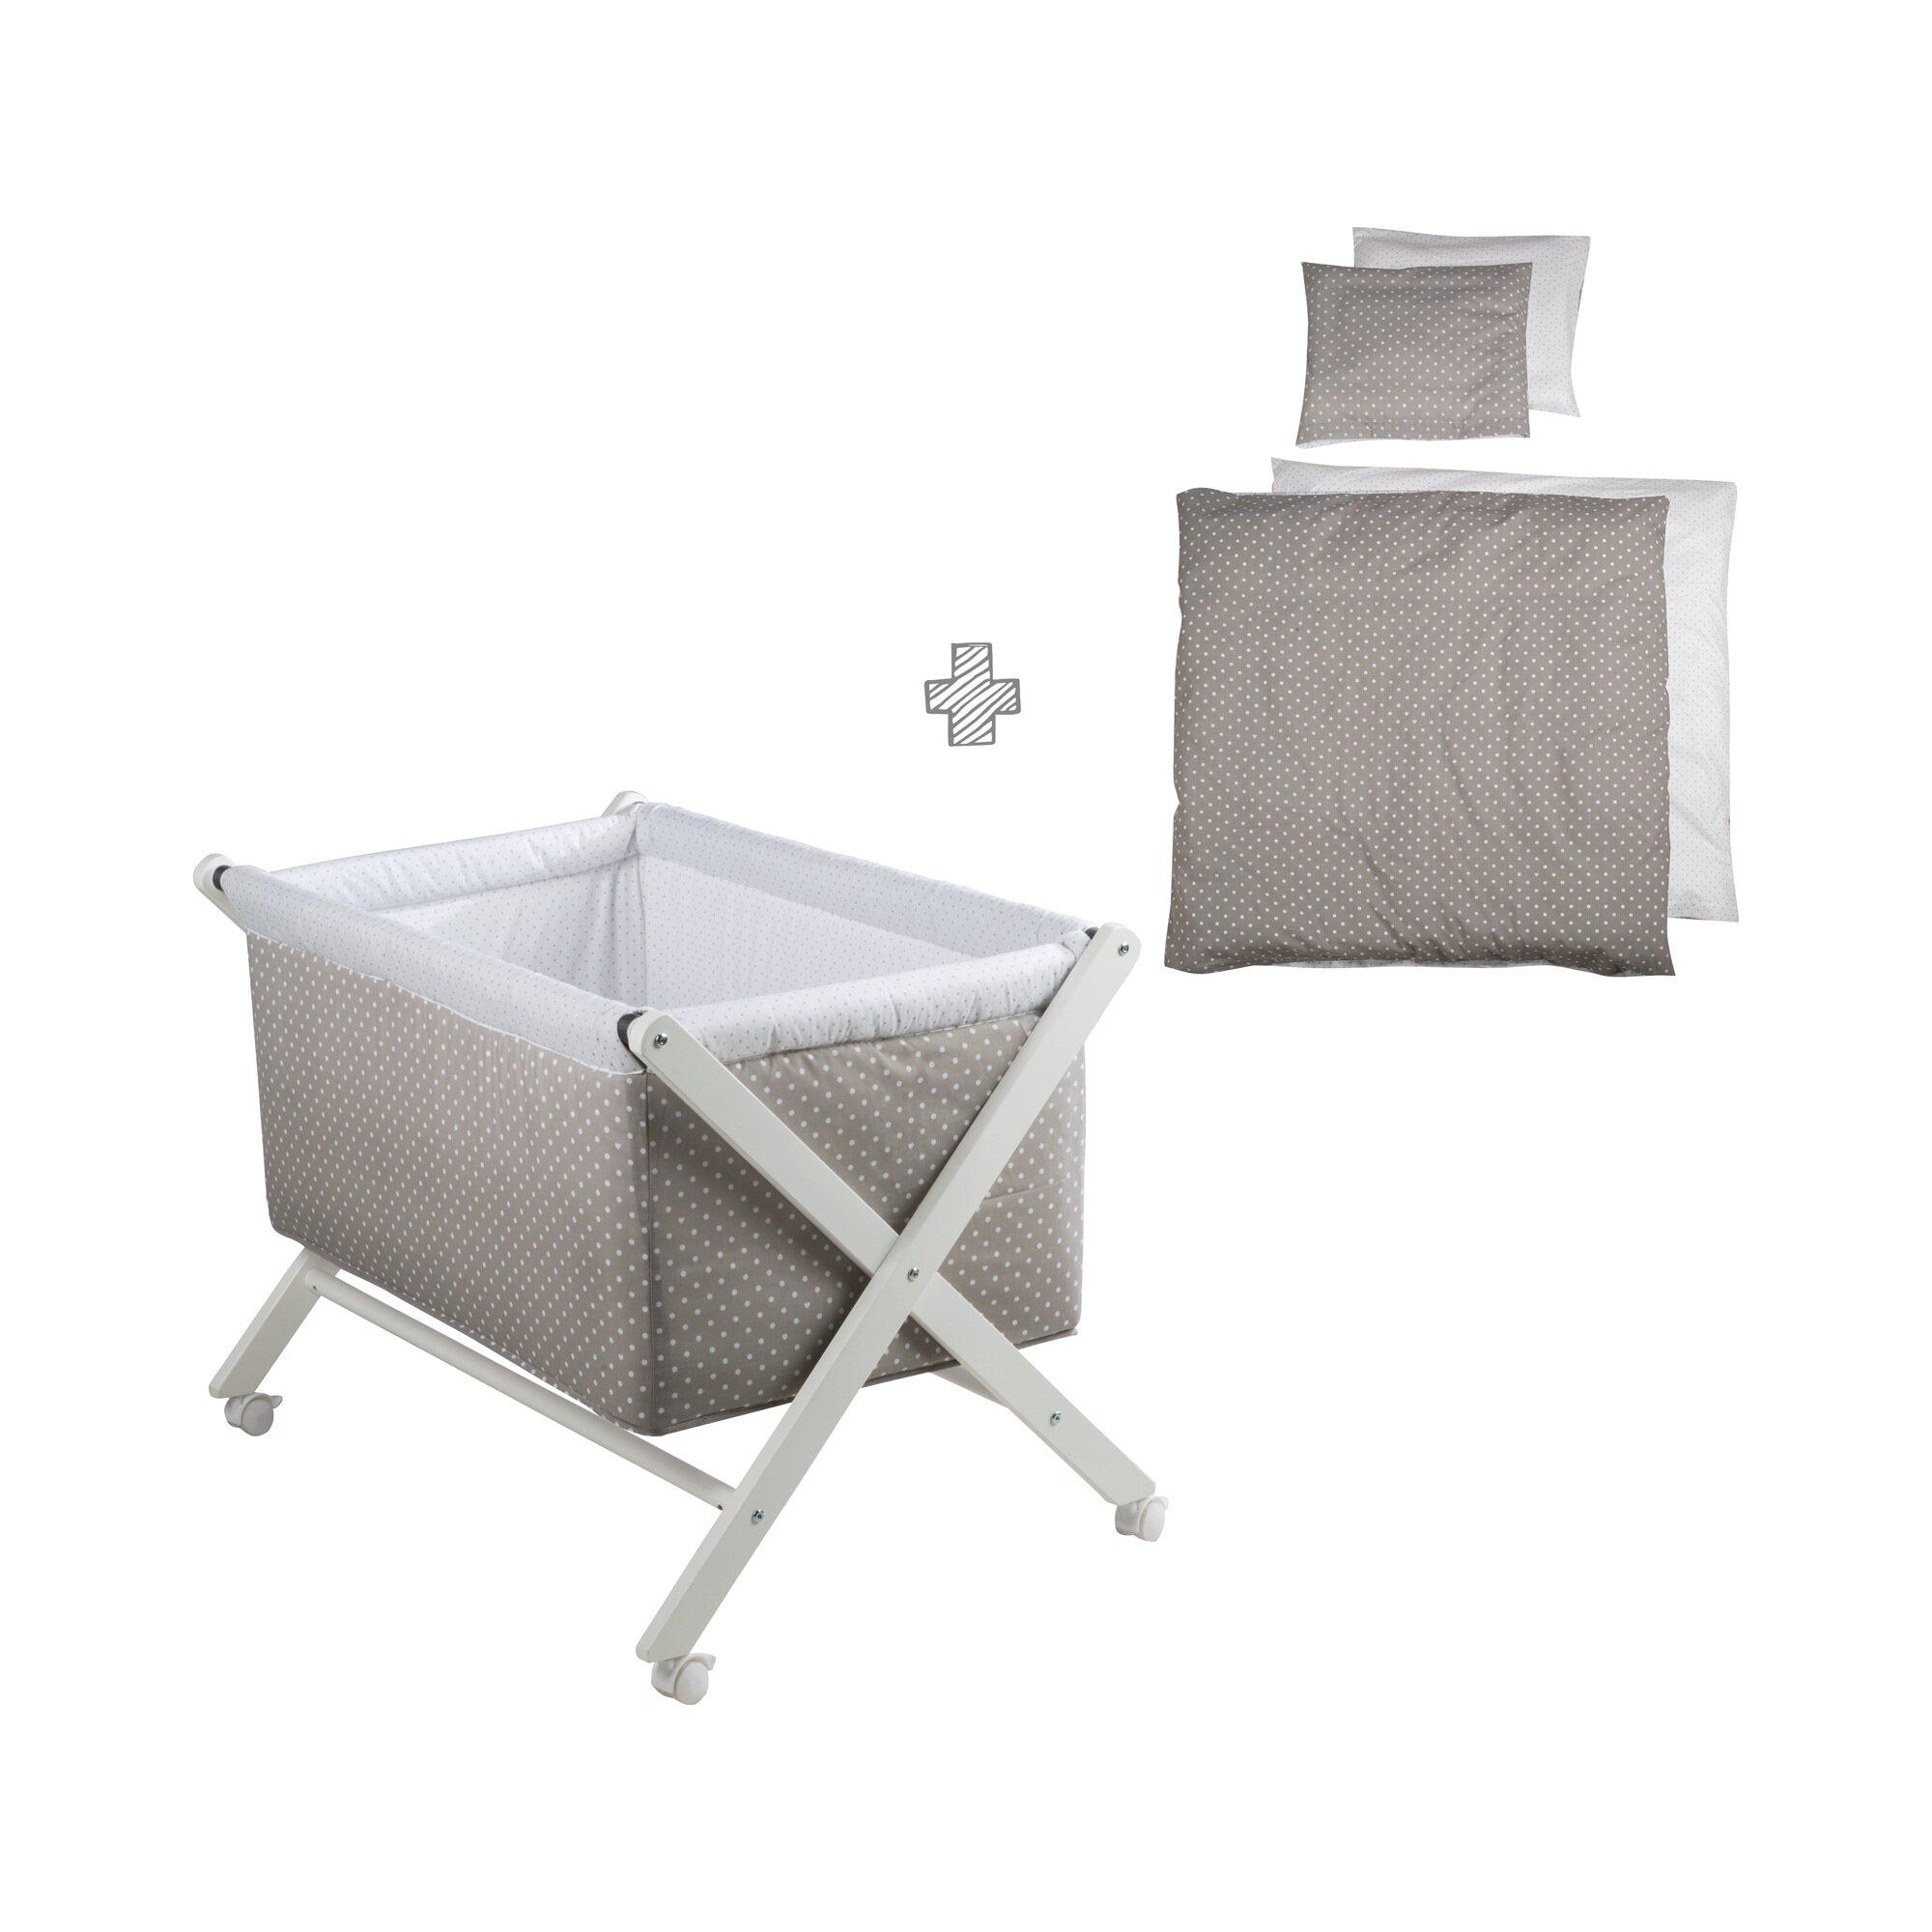 Roba Stubenwagen klappbar mit Nestchen + Bettwäsche